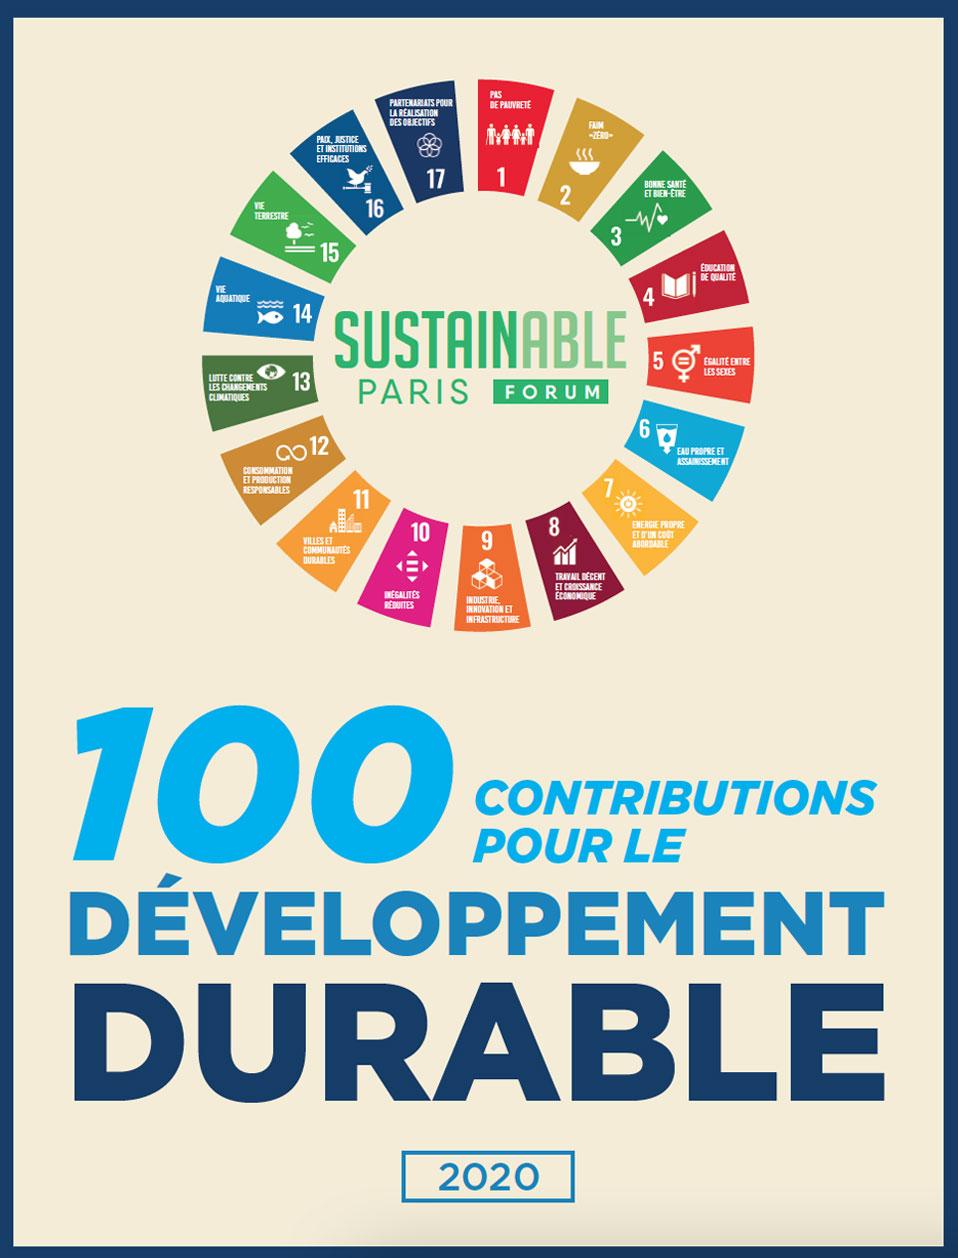 100 contributions pour le développement durable